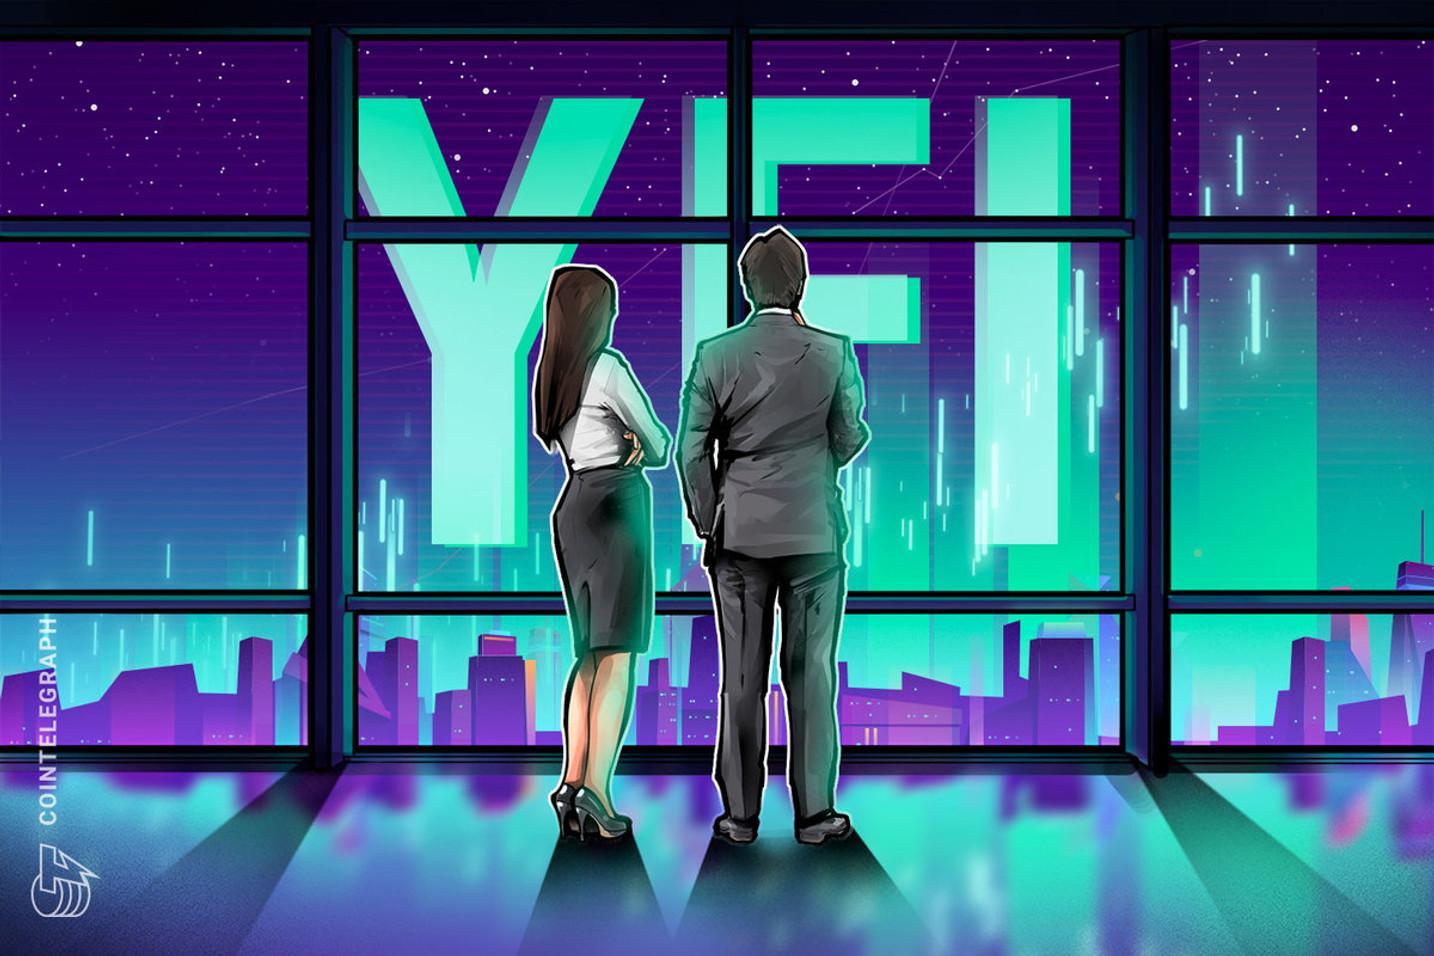 Apetite por rendimento da DeFi está aumentando novamente? Enso levanta US$ 5 M enquanto YFI atinge nova máxima histórica